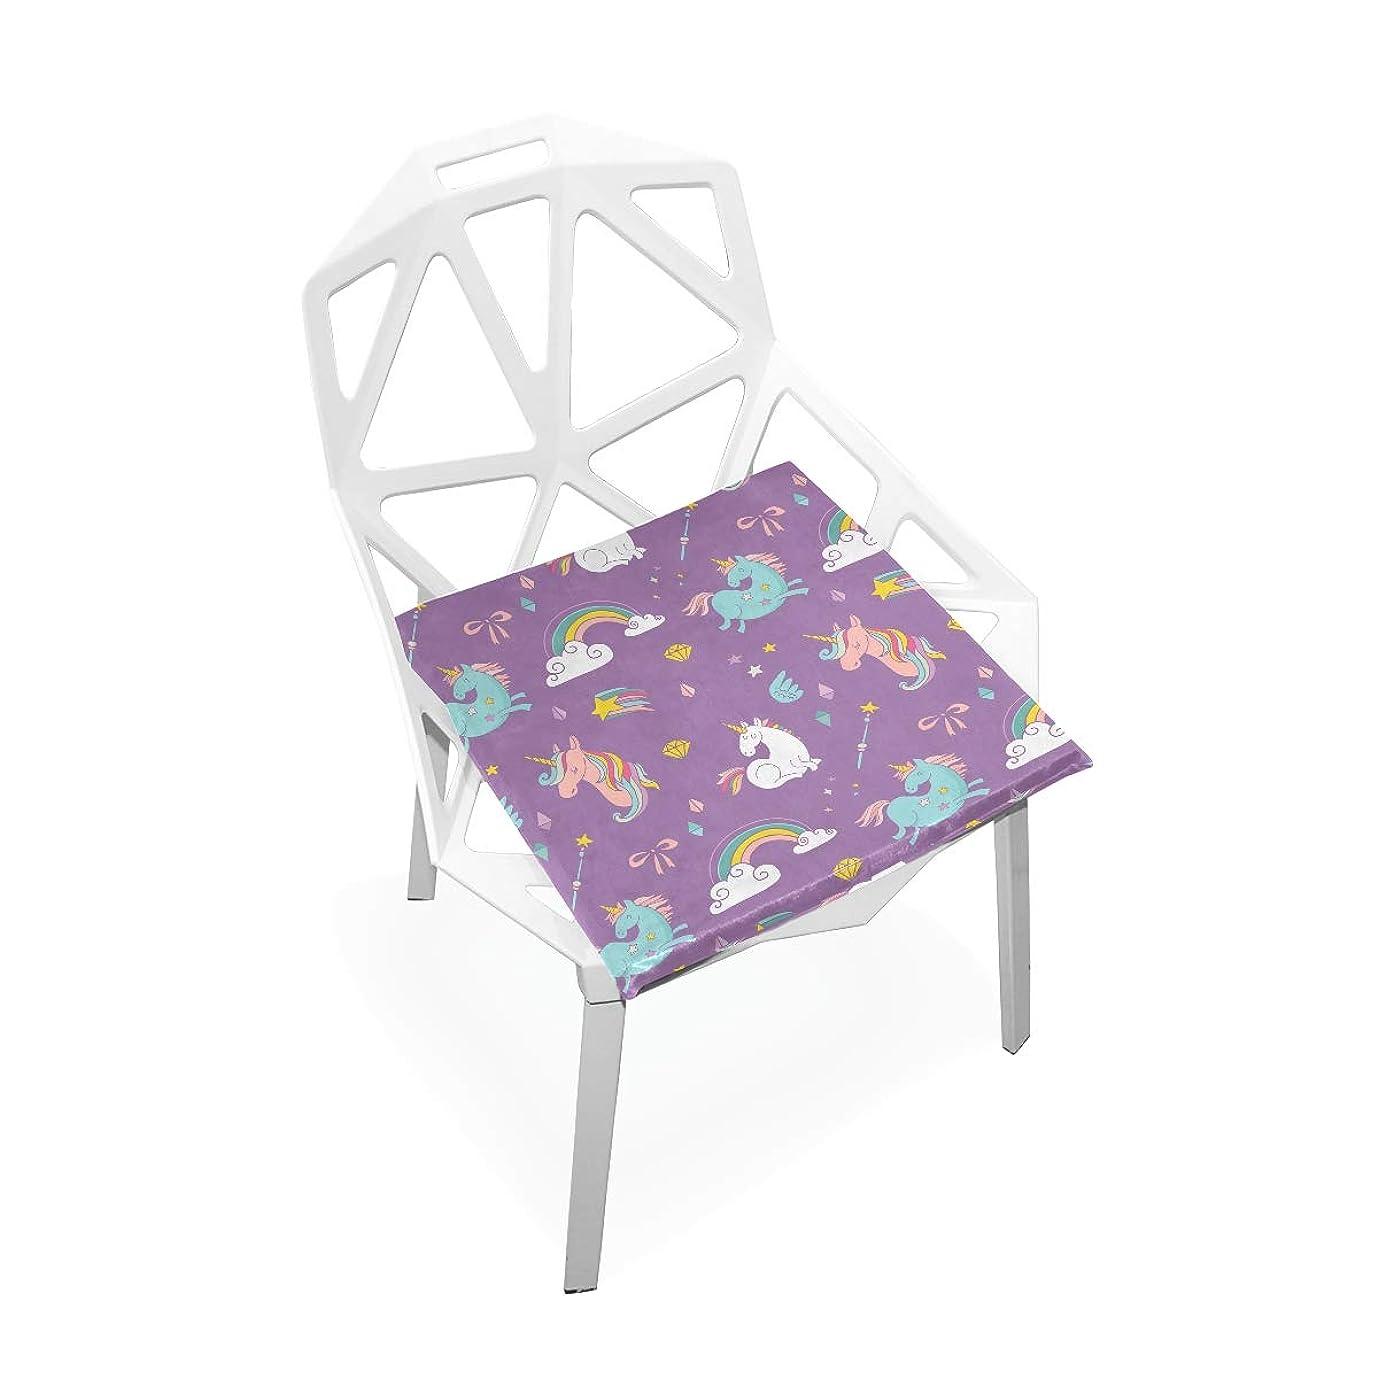 累積ゴミ禁止する座布団 低反発 ユニコーン 可愛い かわいい 虹柄 星柄 椅子用 ビロード オフィス 車 洗える 40x40 かわいい おしゃれ ファスナー ふわふわ 学校 fohoo